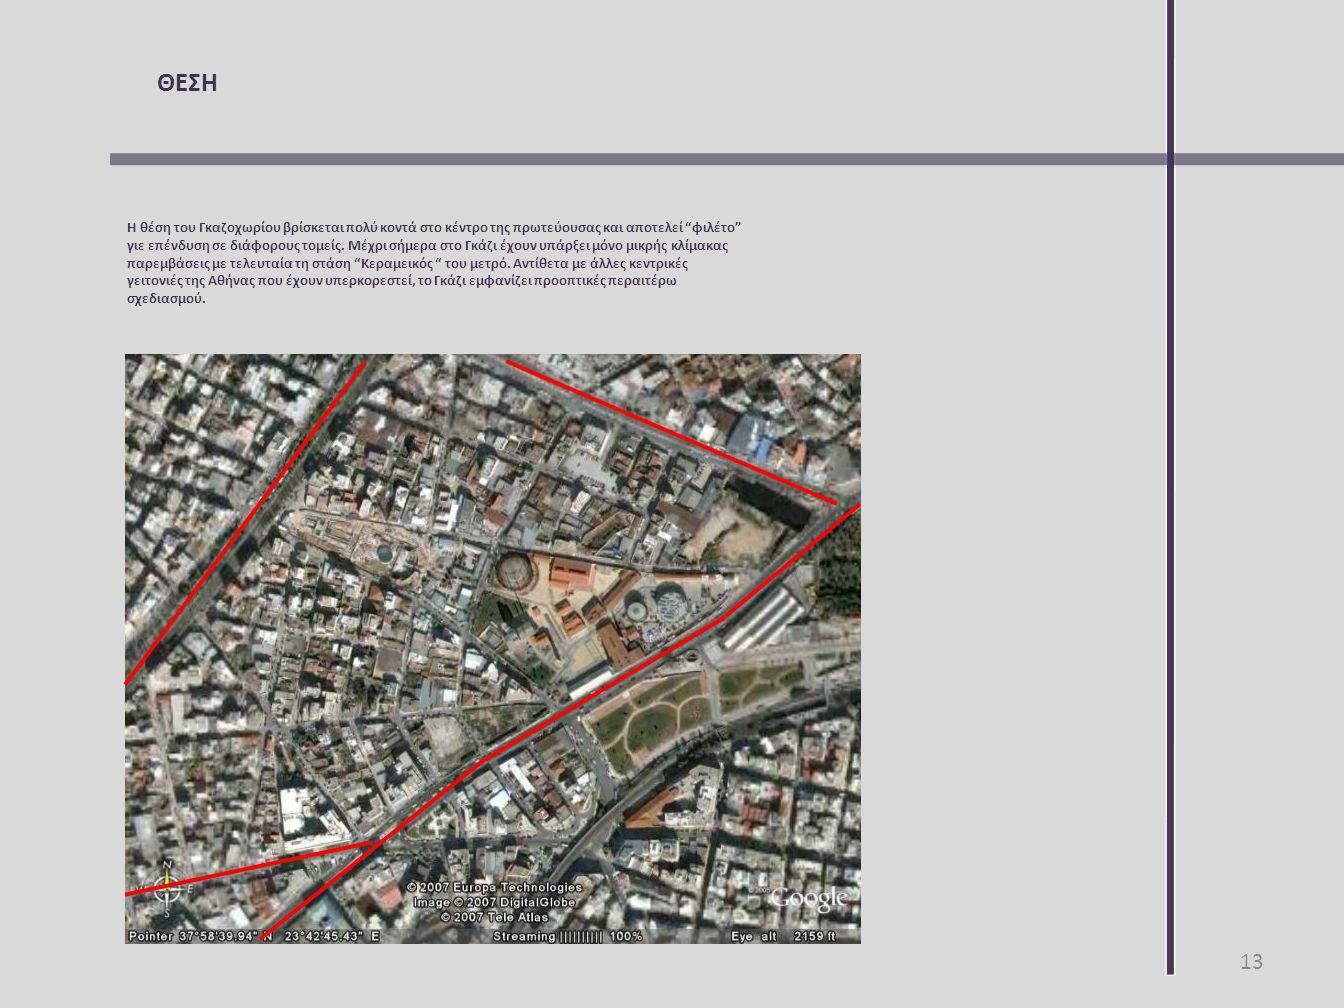 """Η θέση του Γκαζοχωρίου βρίσκεται πολύ κοντά στο κέντρο της πρωτεύουσας και αποτελεί """"φιλέτο"""" γιε επένδυση σε διάφορους τομείς. Μέχρι σήμερα στο Γκάζι"""